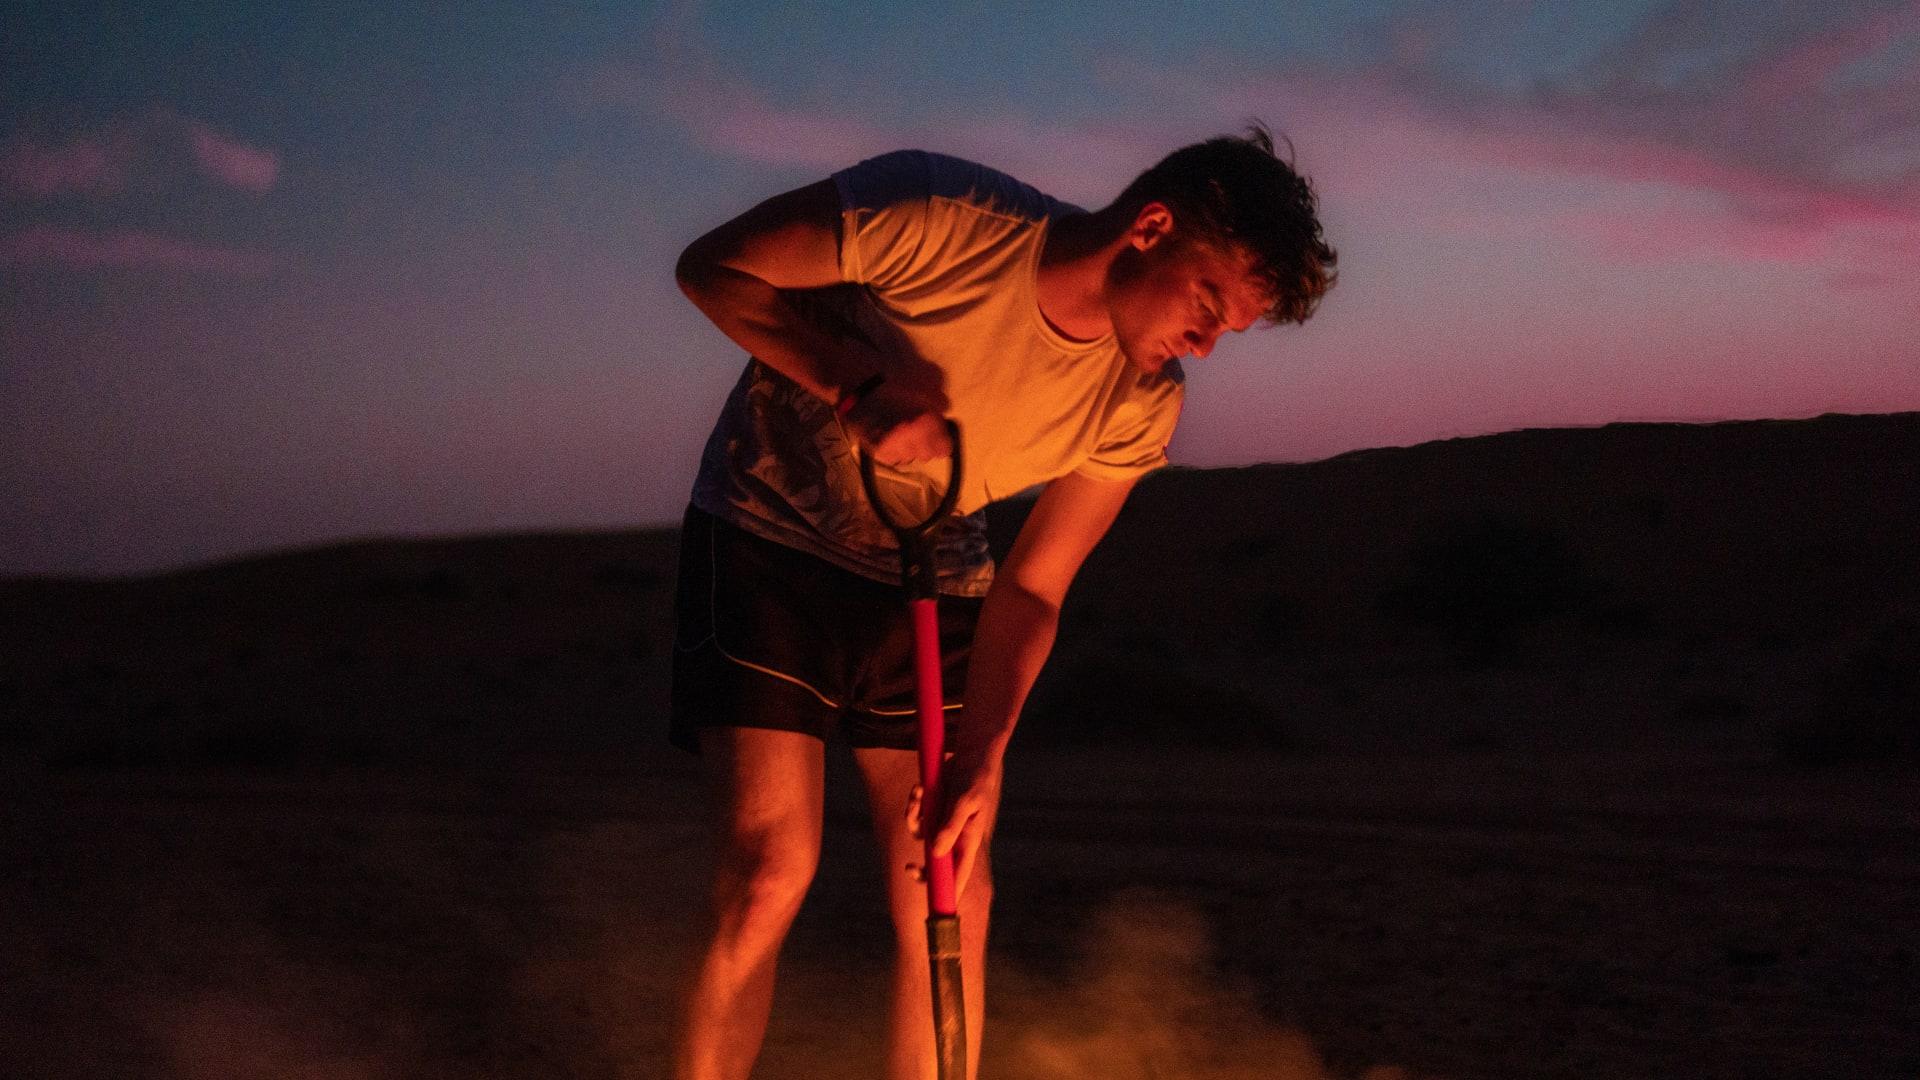 """يقود """"بوشنب"""" ويحب البداوة.. بريطاني يجد شغفه بصحراء الإمارات"""